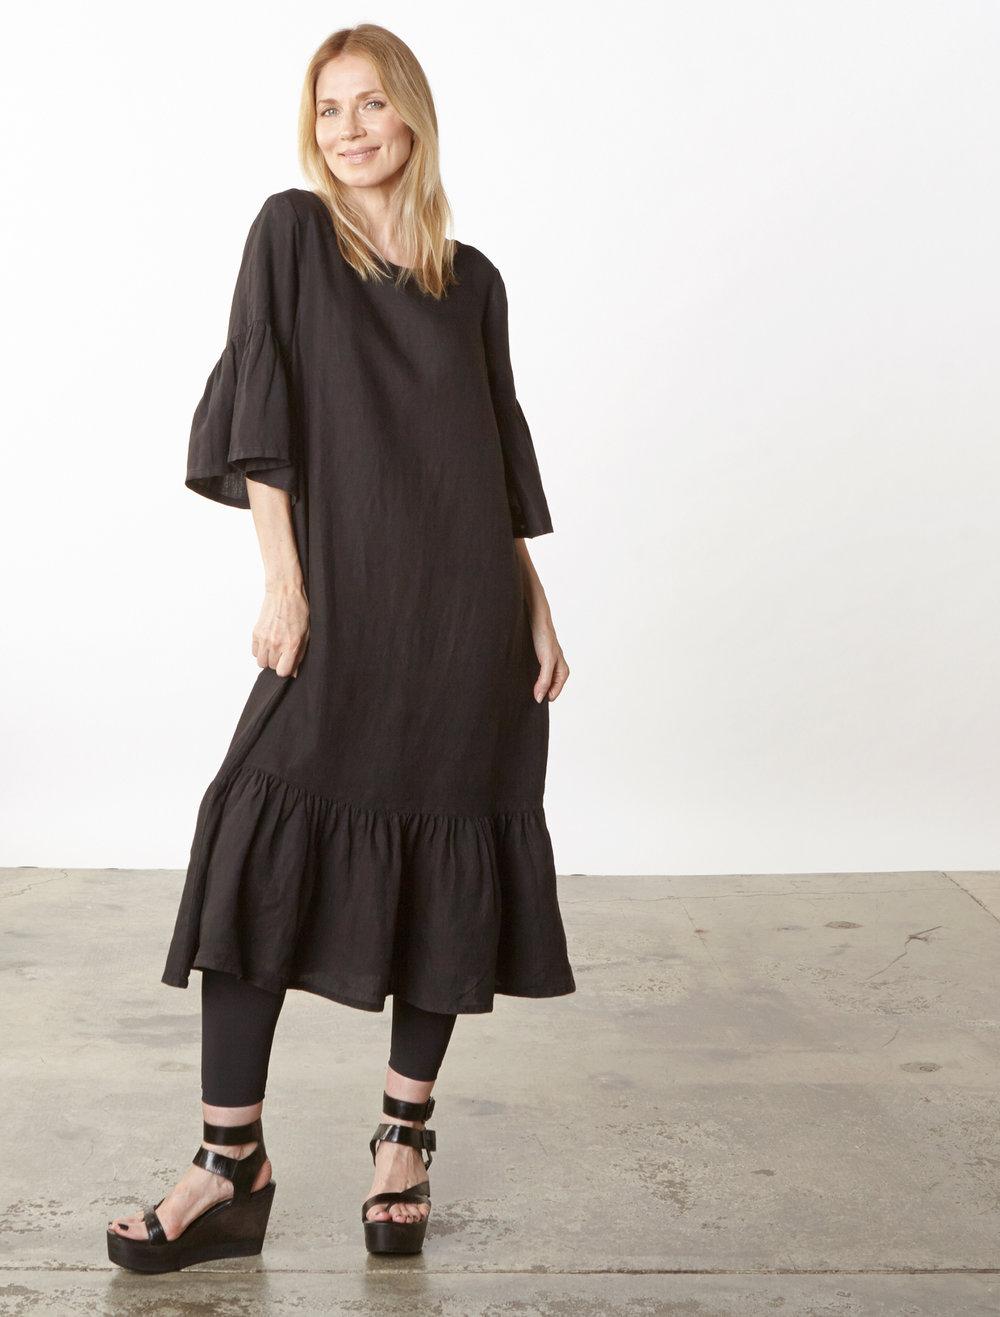 Seraphina Dress in Black Light Linen